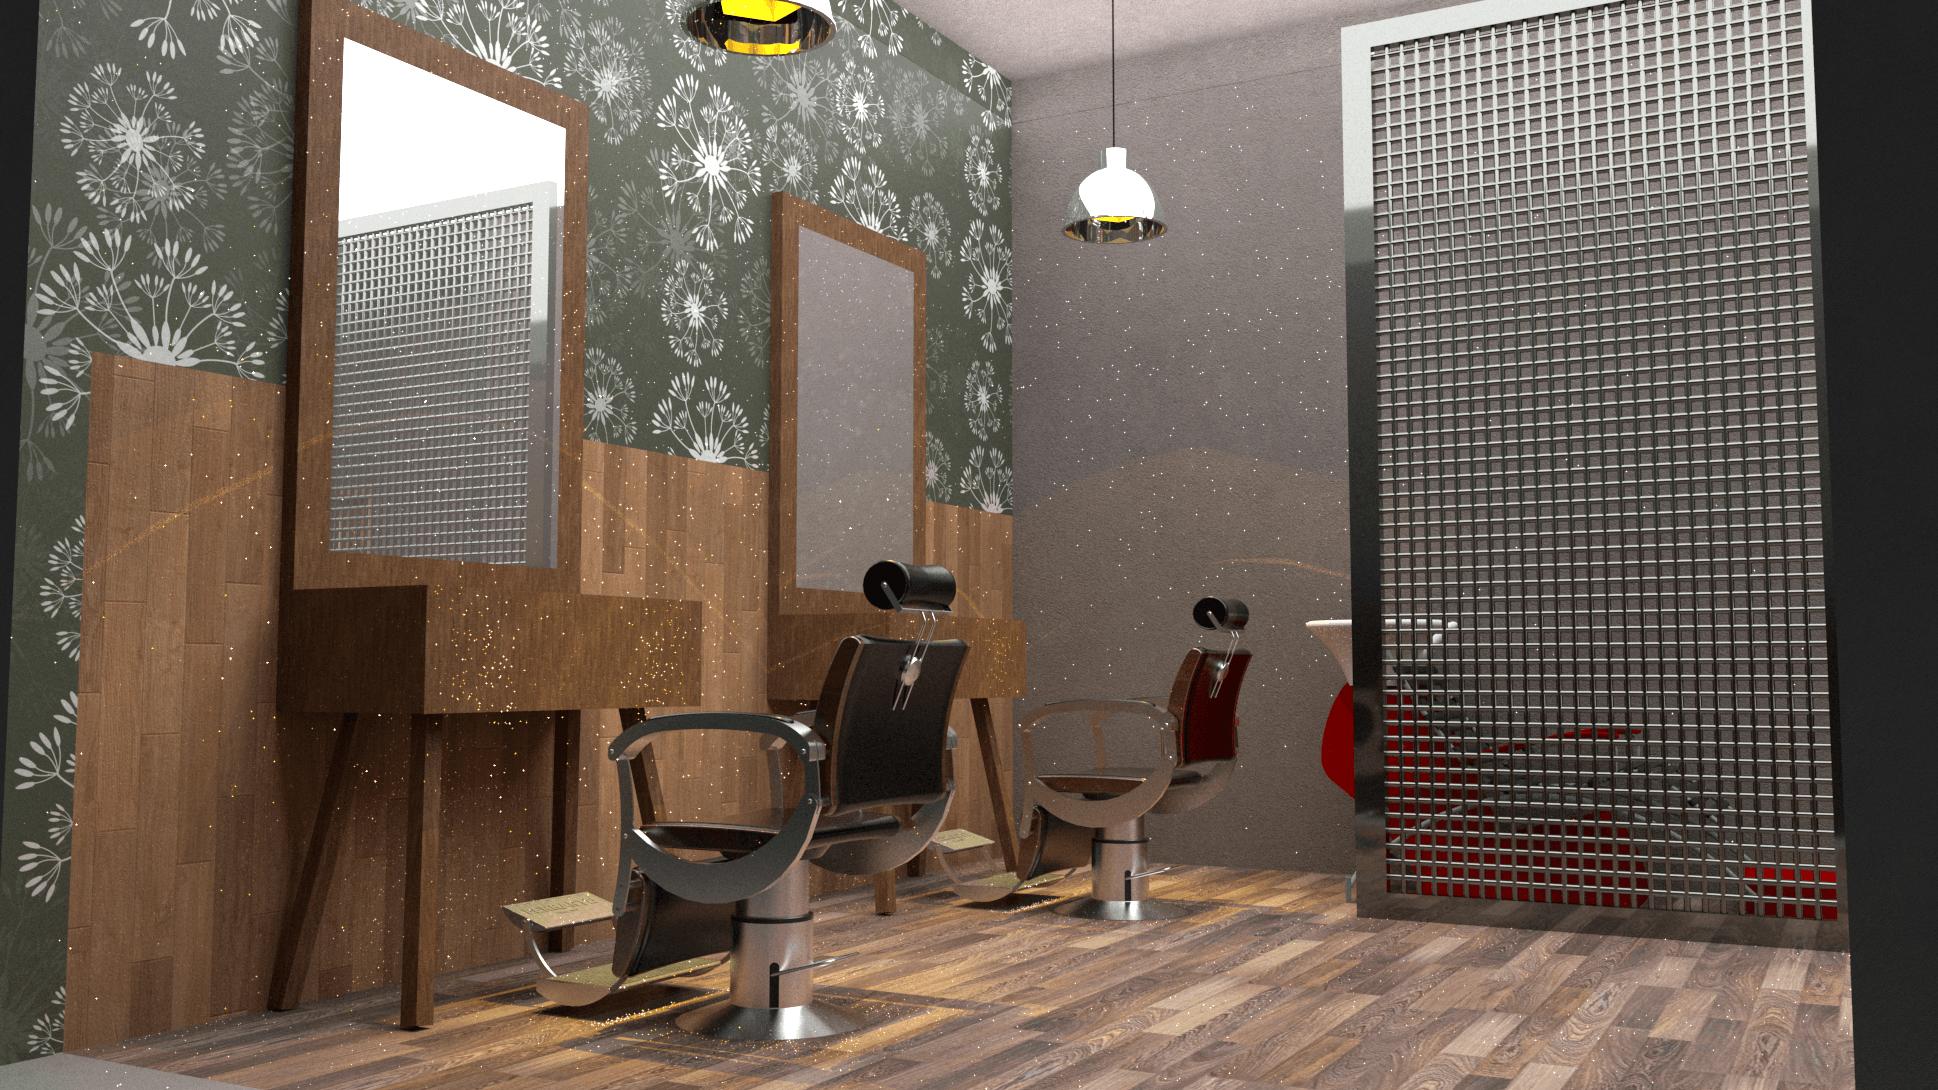 Abbasdc Desain Interior Barbershop Blb Metro, Kota Metro, Lampung, Indonesia Metro, Kota Metro, Lampung, Indonesia Abbasdc-Desain-Interior-Barbershop-Milik-Bapak-Lingga-B  59066